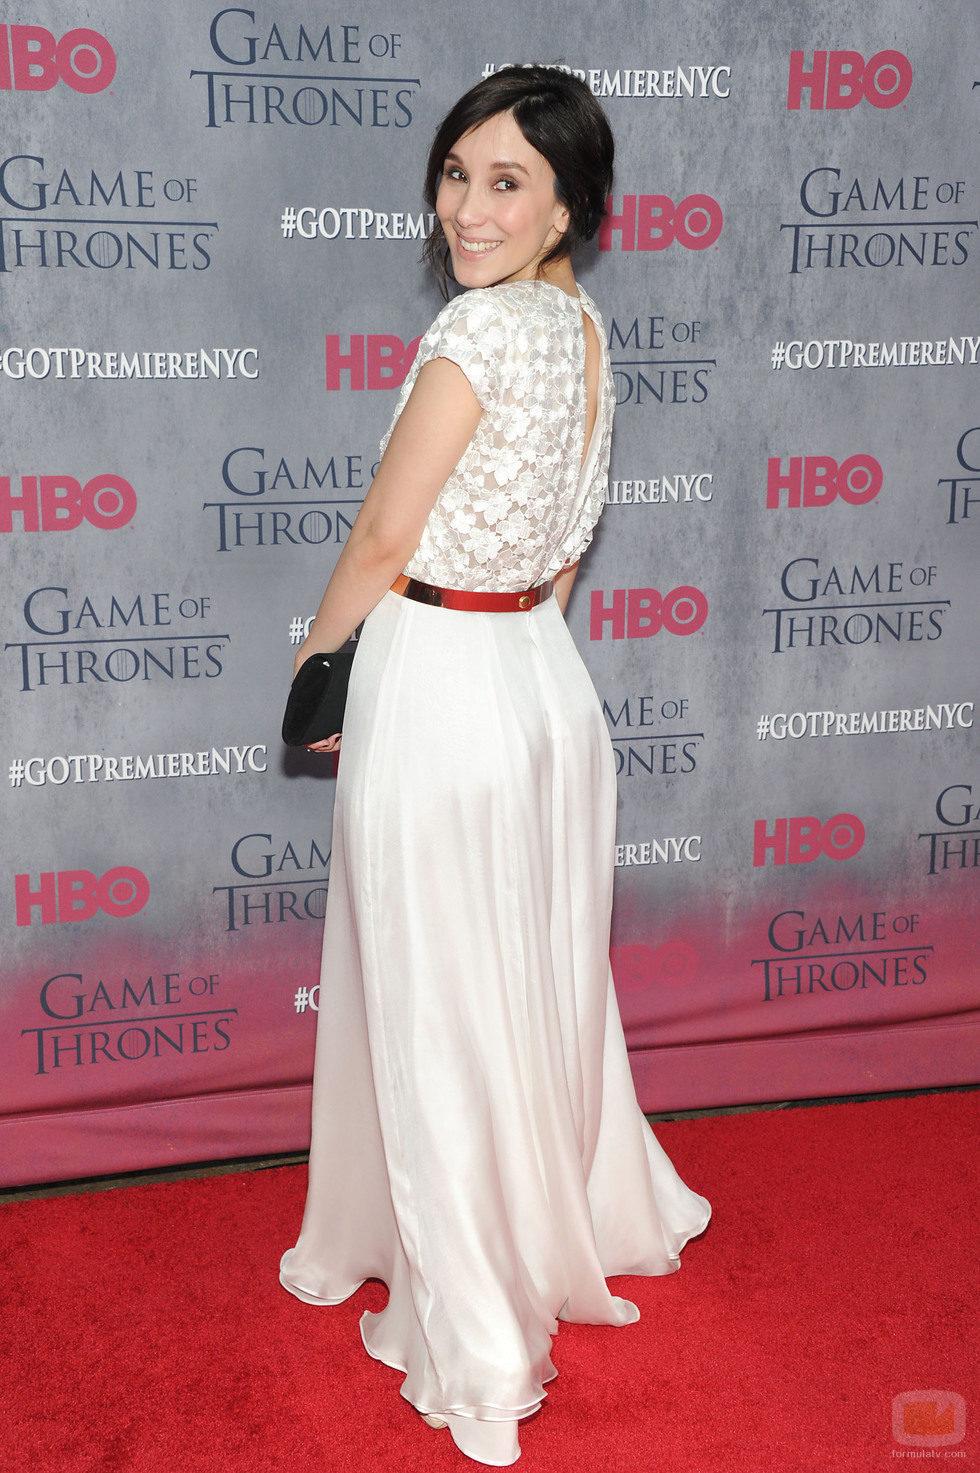 Sibel Kekilli en la premiere de la cuarta temporada de 'Juego de tronos'